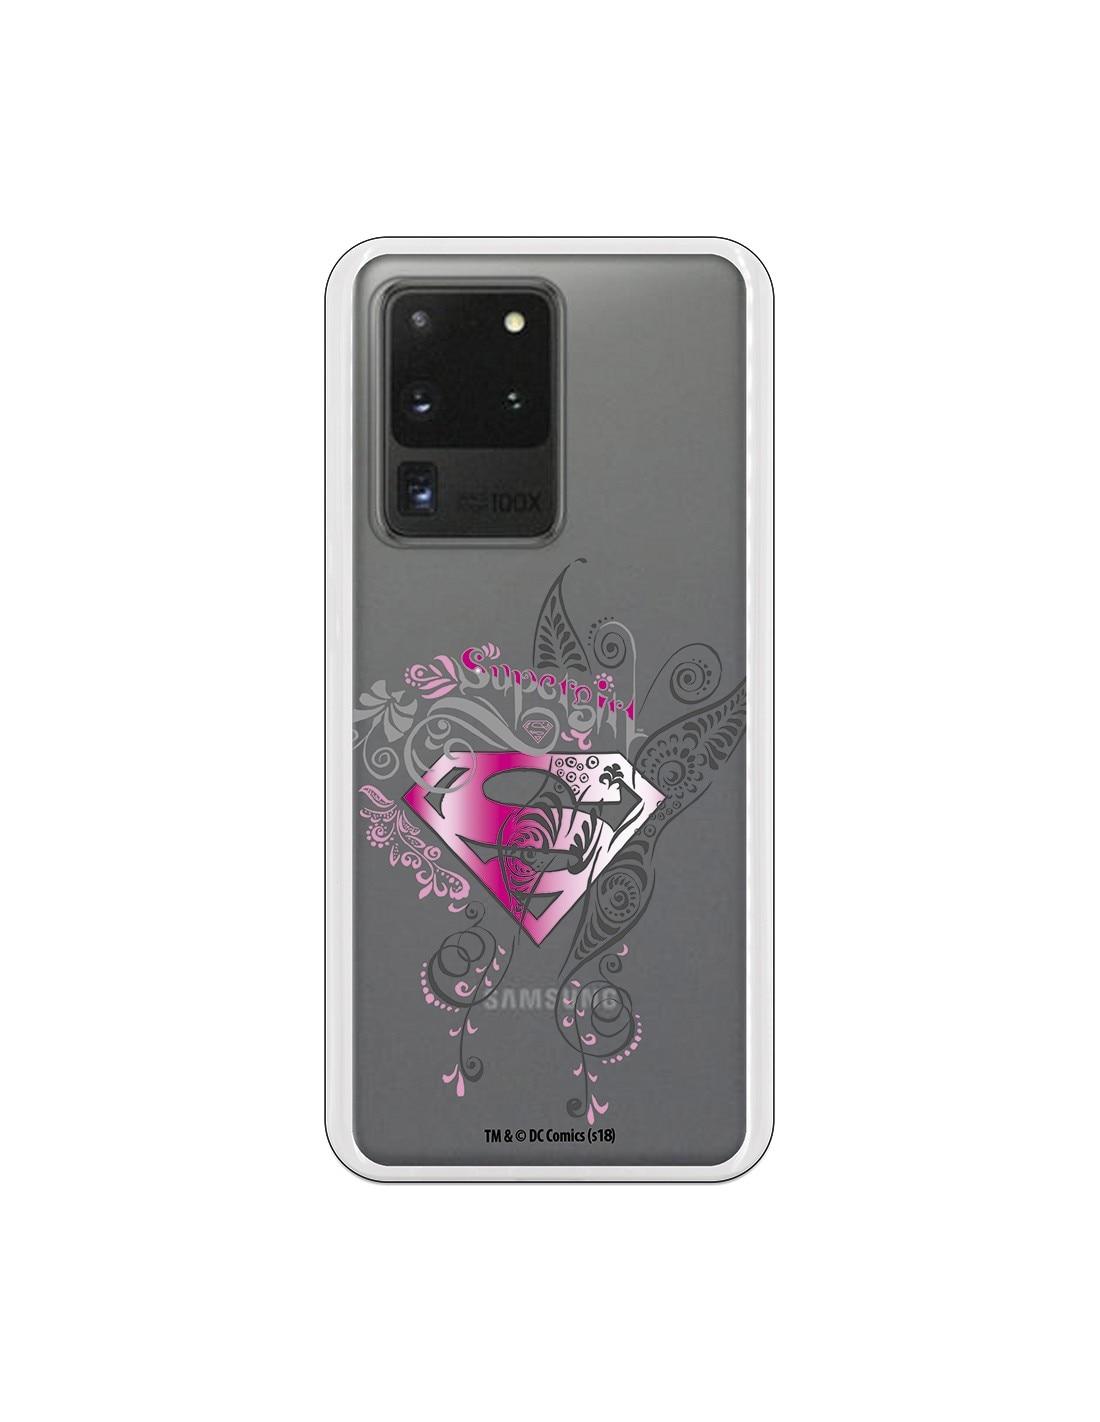 Samsung Galaxy S20 ультра официальный DC Comics Supergirl Щит чехол для рисования-DC Comics